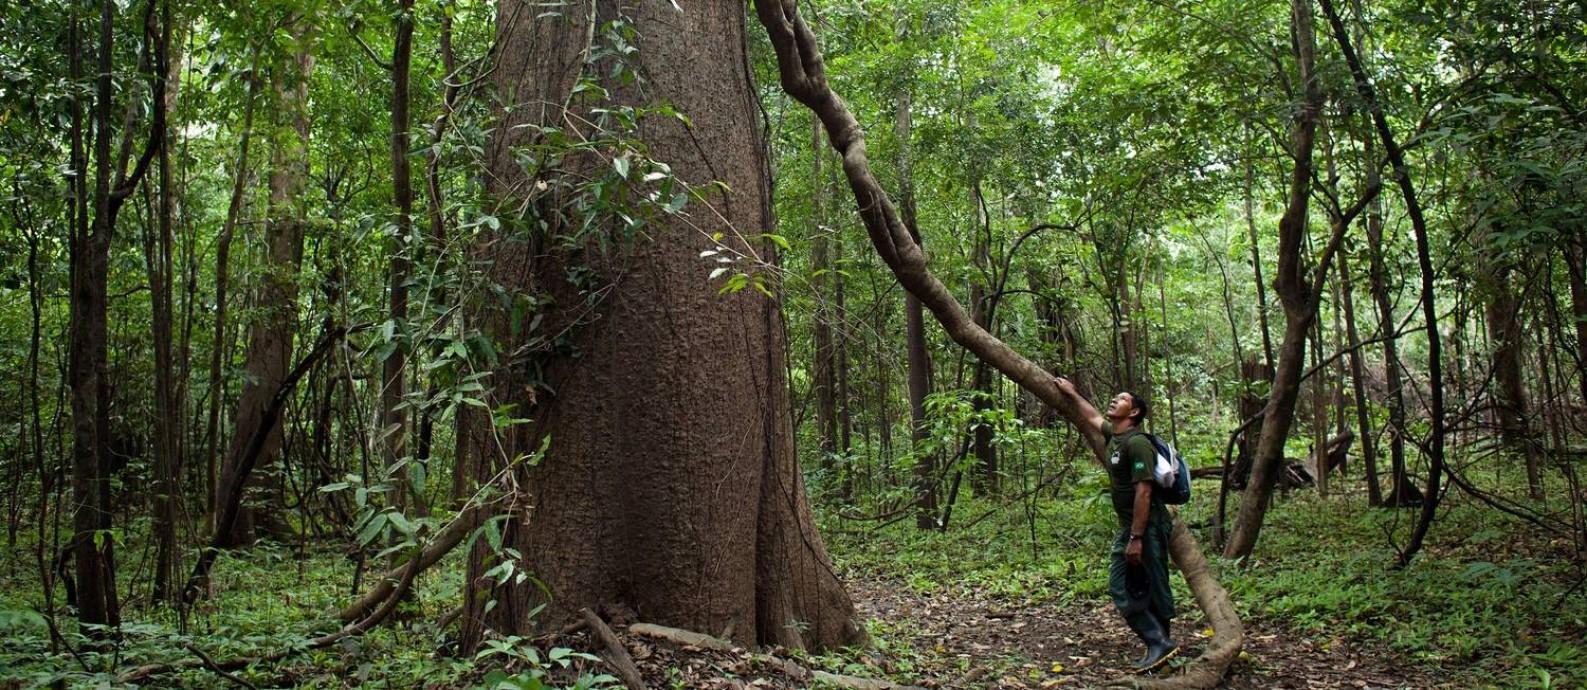 Guia da pousada Uacari, do Instituto Mamirauá, aos pés de uma árvore gigante em plena floresta amazônica Foto: Rafael Forte / Divulgação